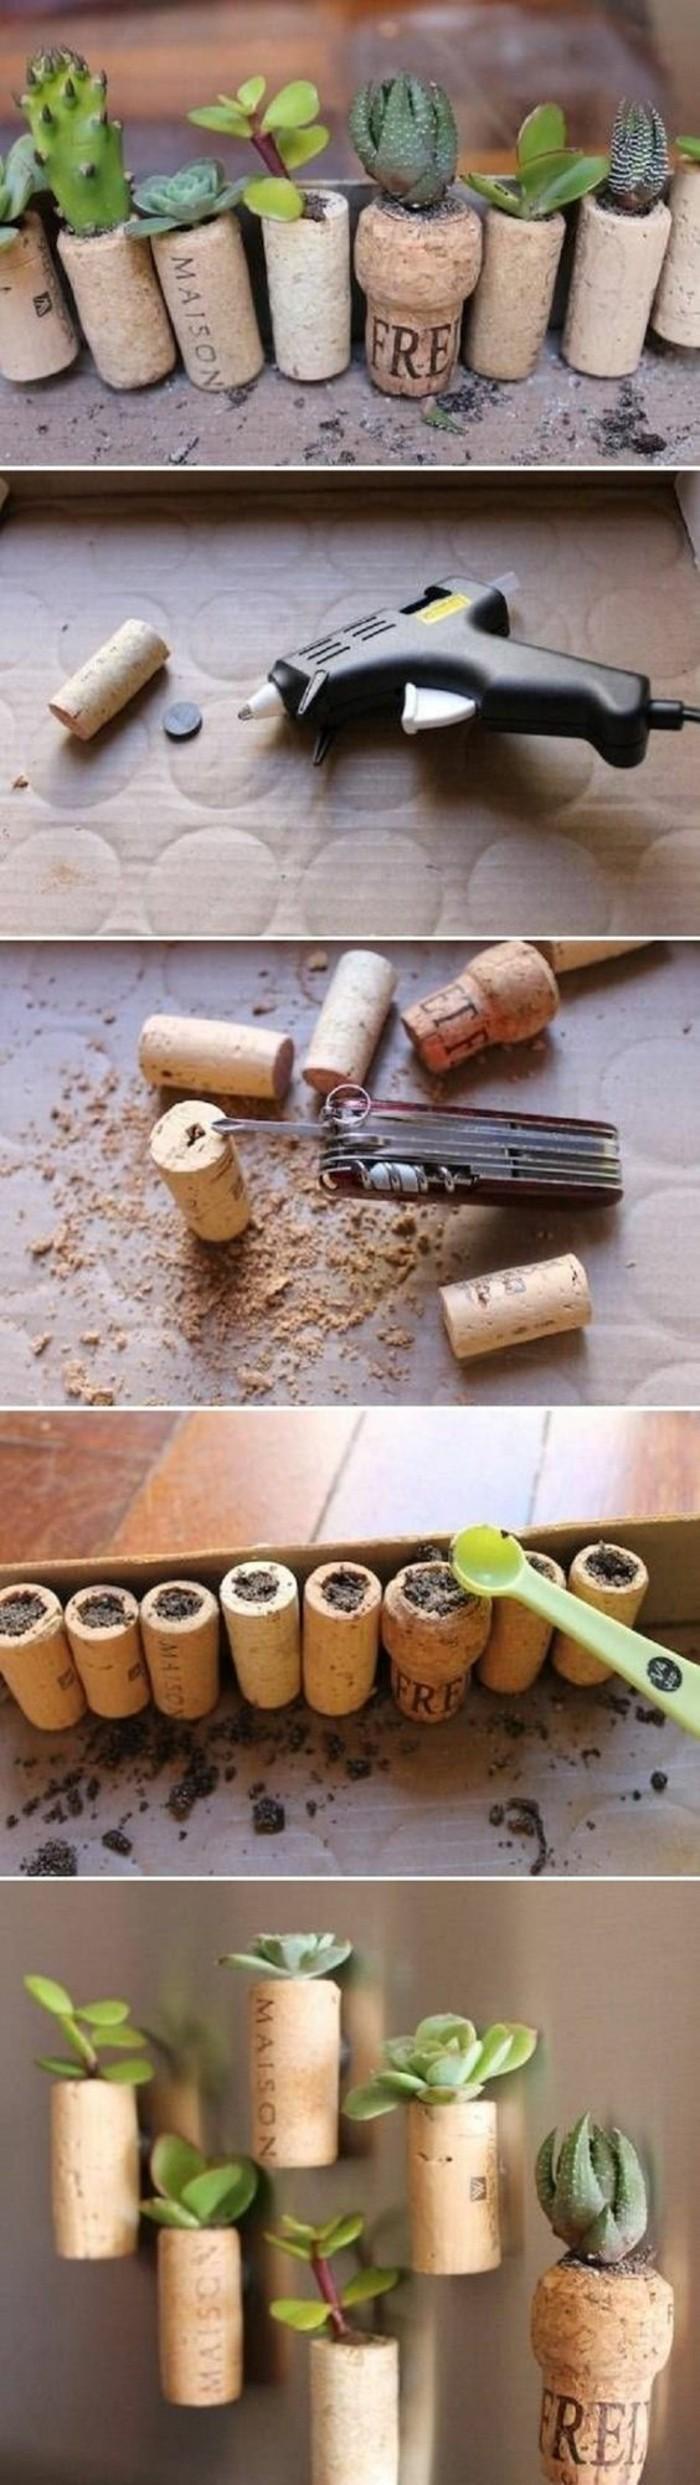 petis-pots-plantes-fait-maison-diy-bouchon-liege